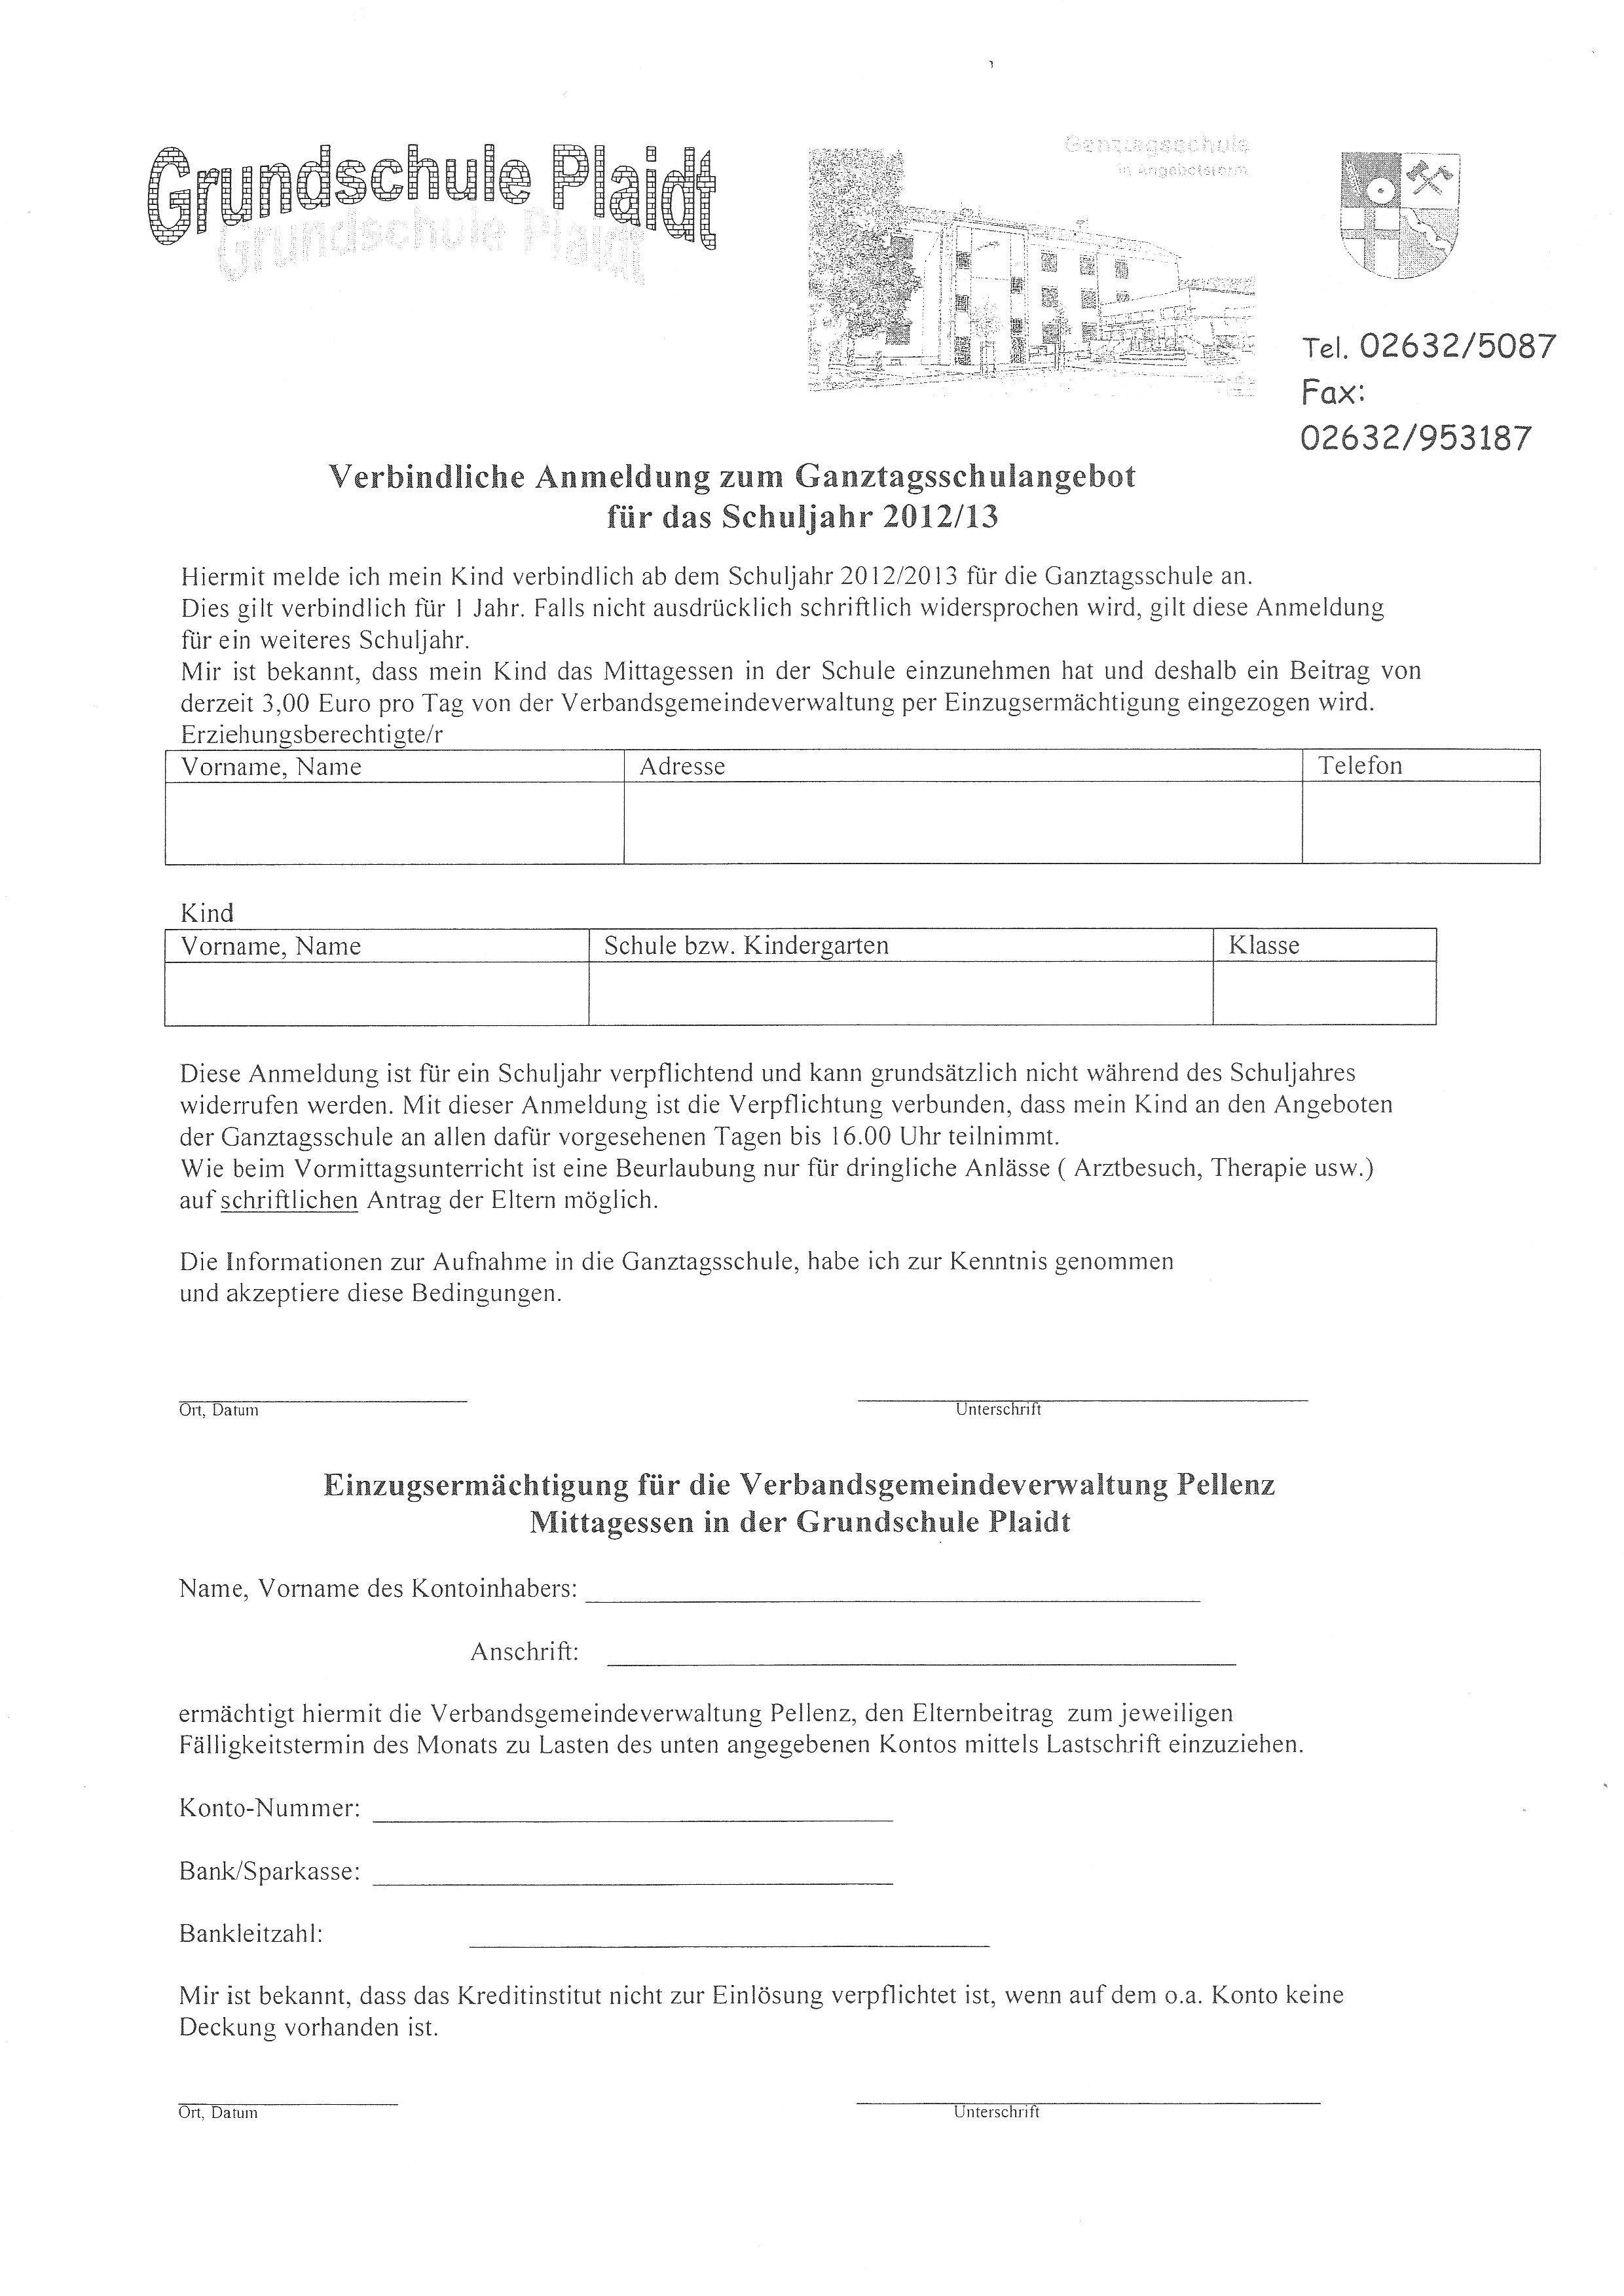 Perfect Aufnahmeformular Für Die Schule Gift - FORTSETZUNG ...